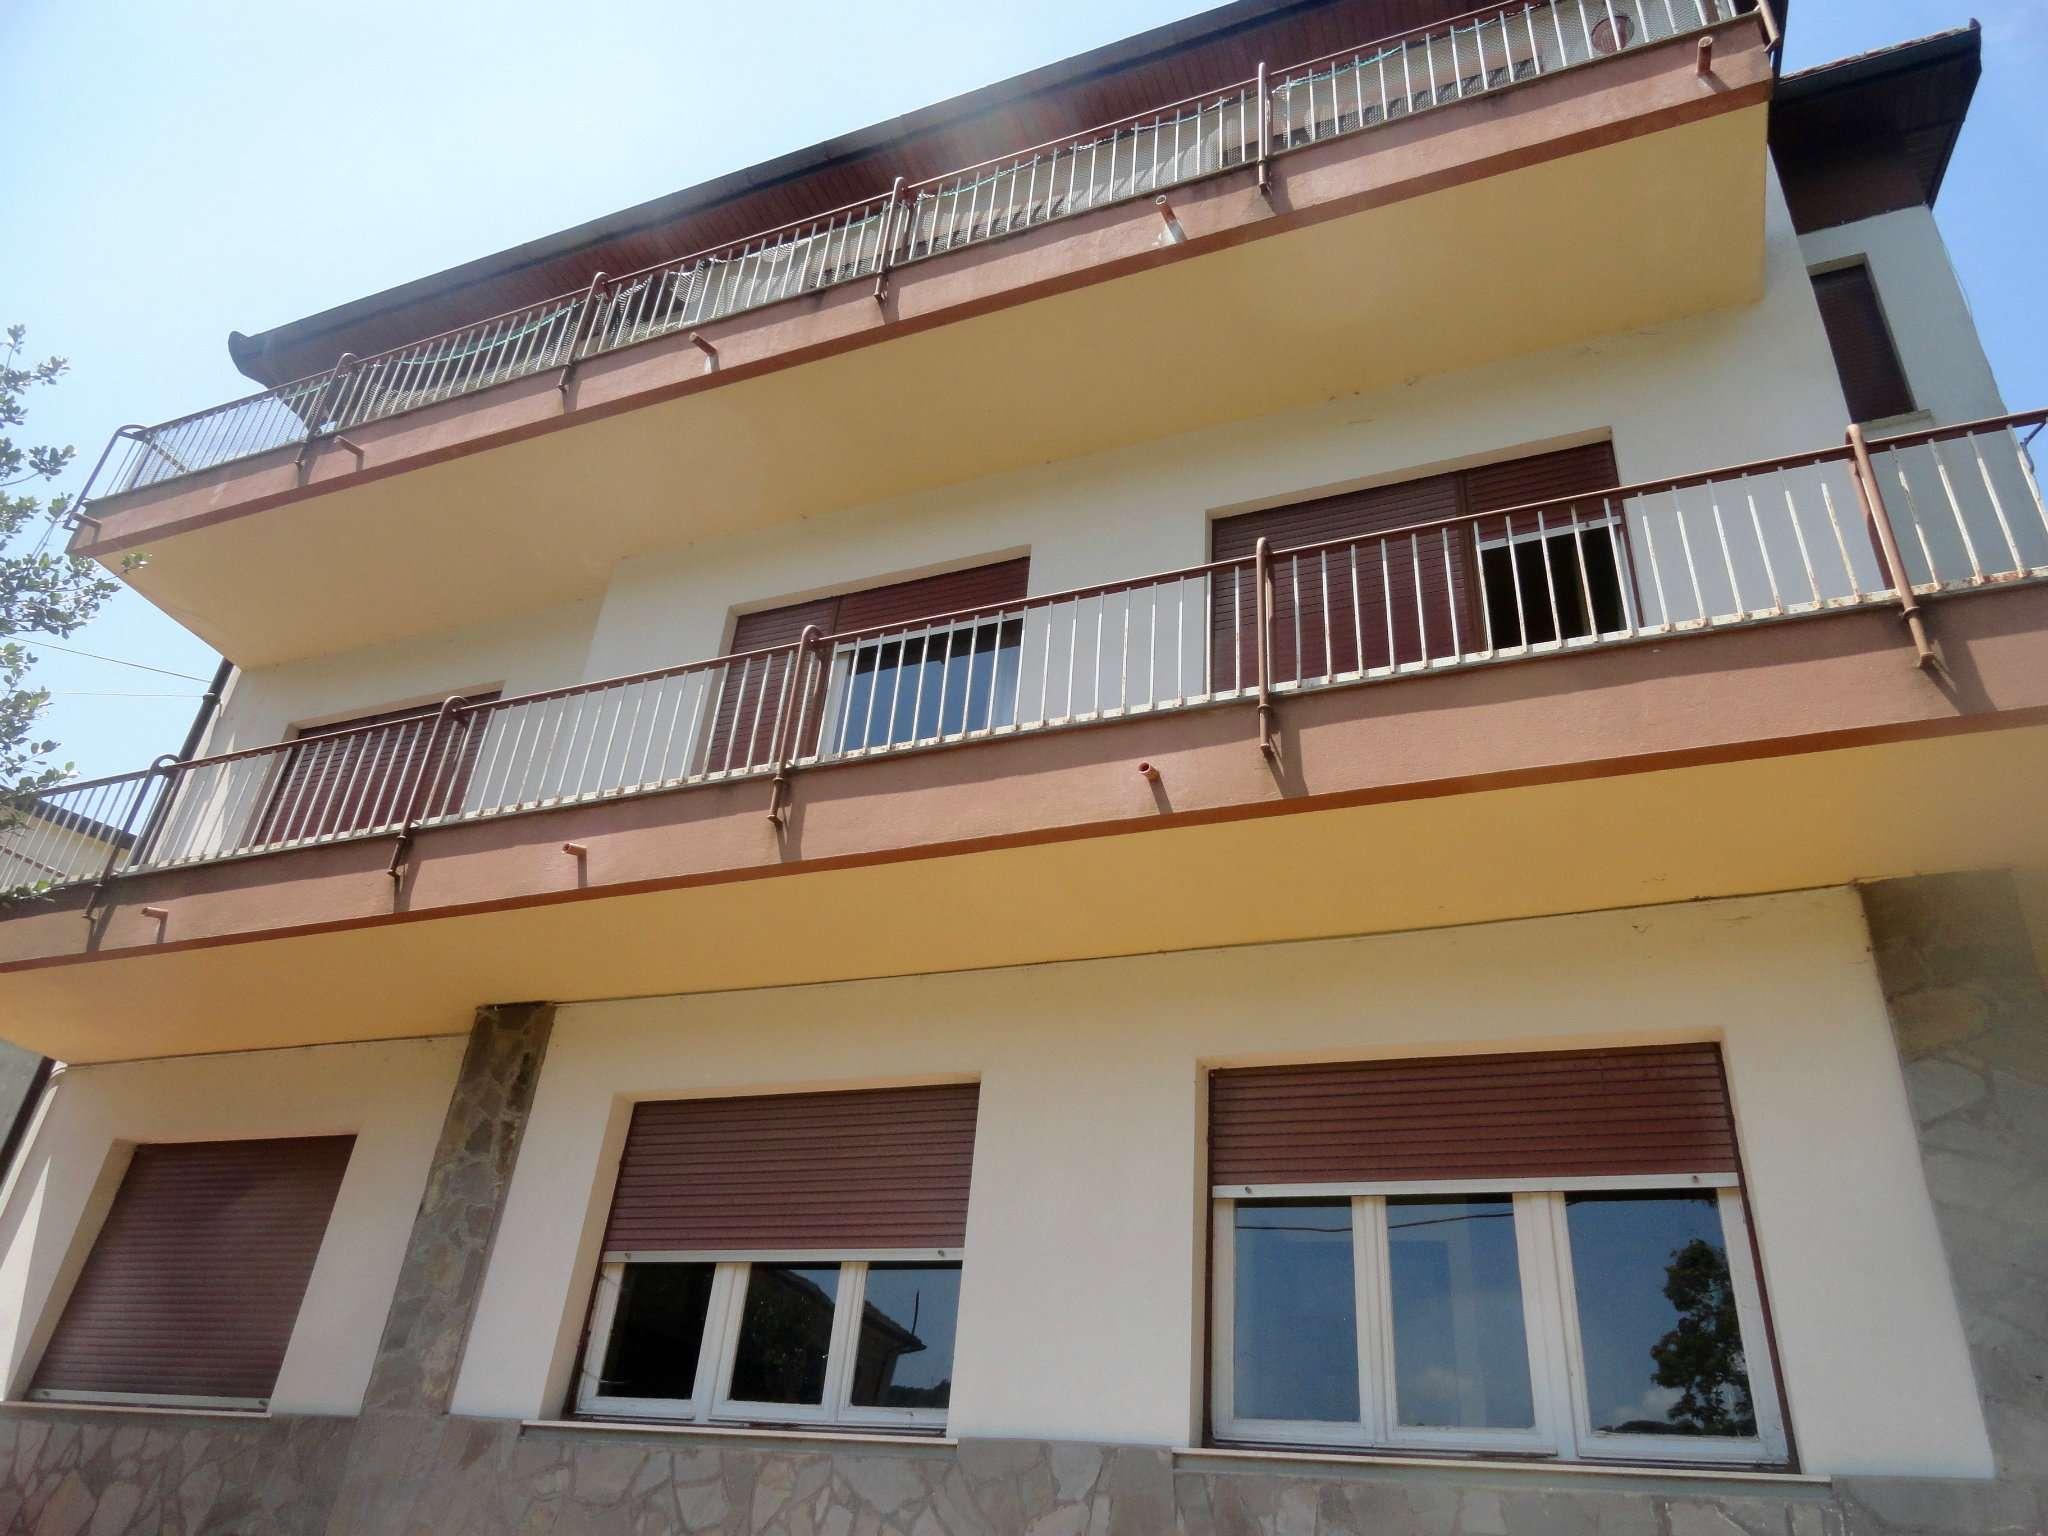 Villa Tri-Quadrifamiliare in vendita a Torriglia, 17 locali, Trattative riservate   CambioCasa.it